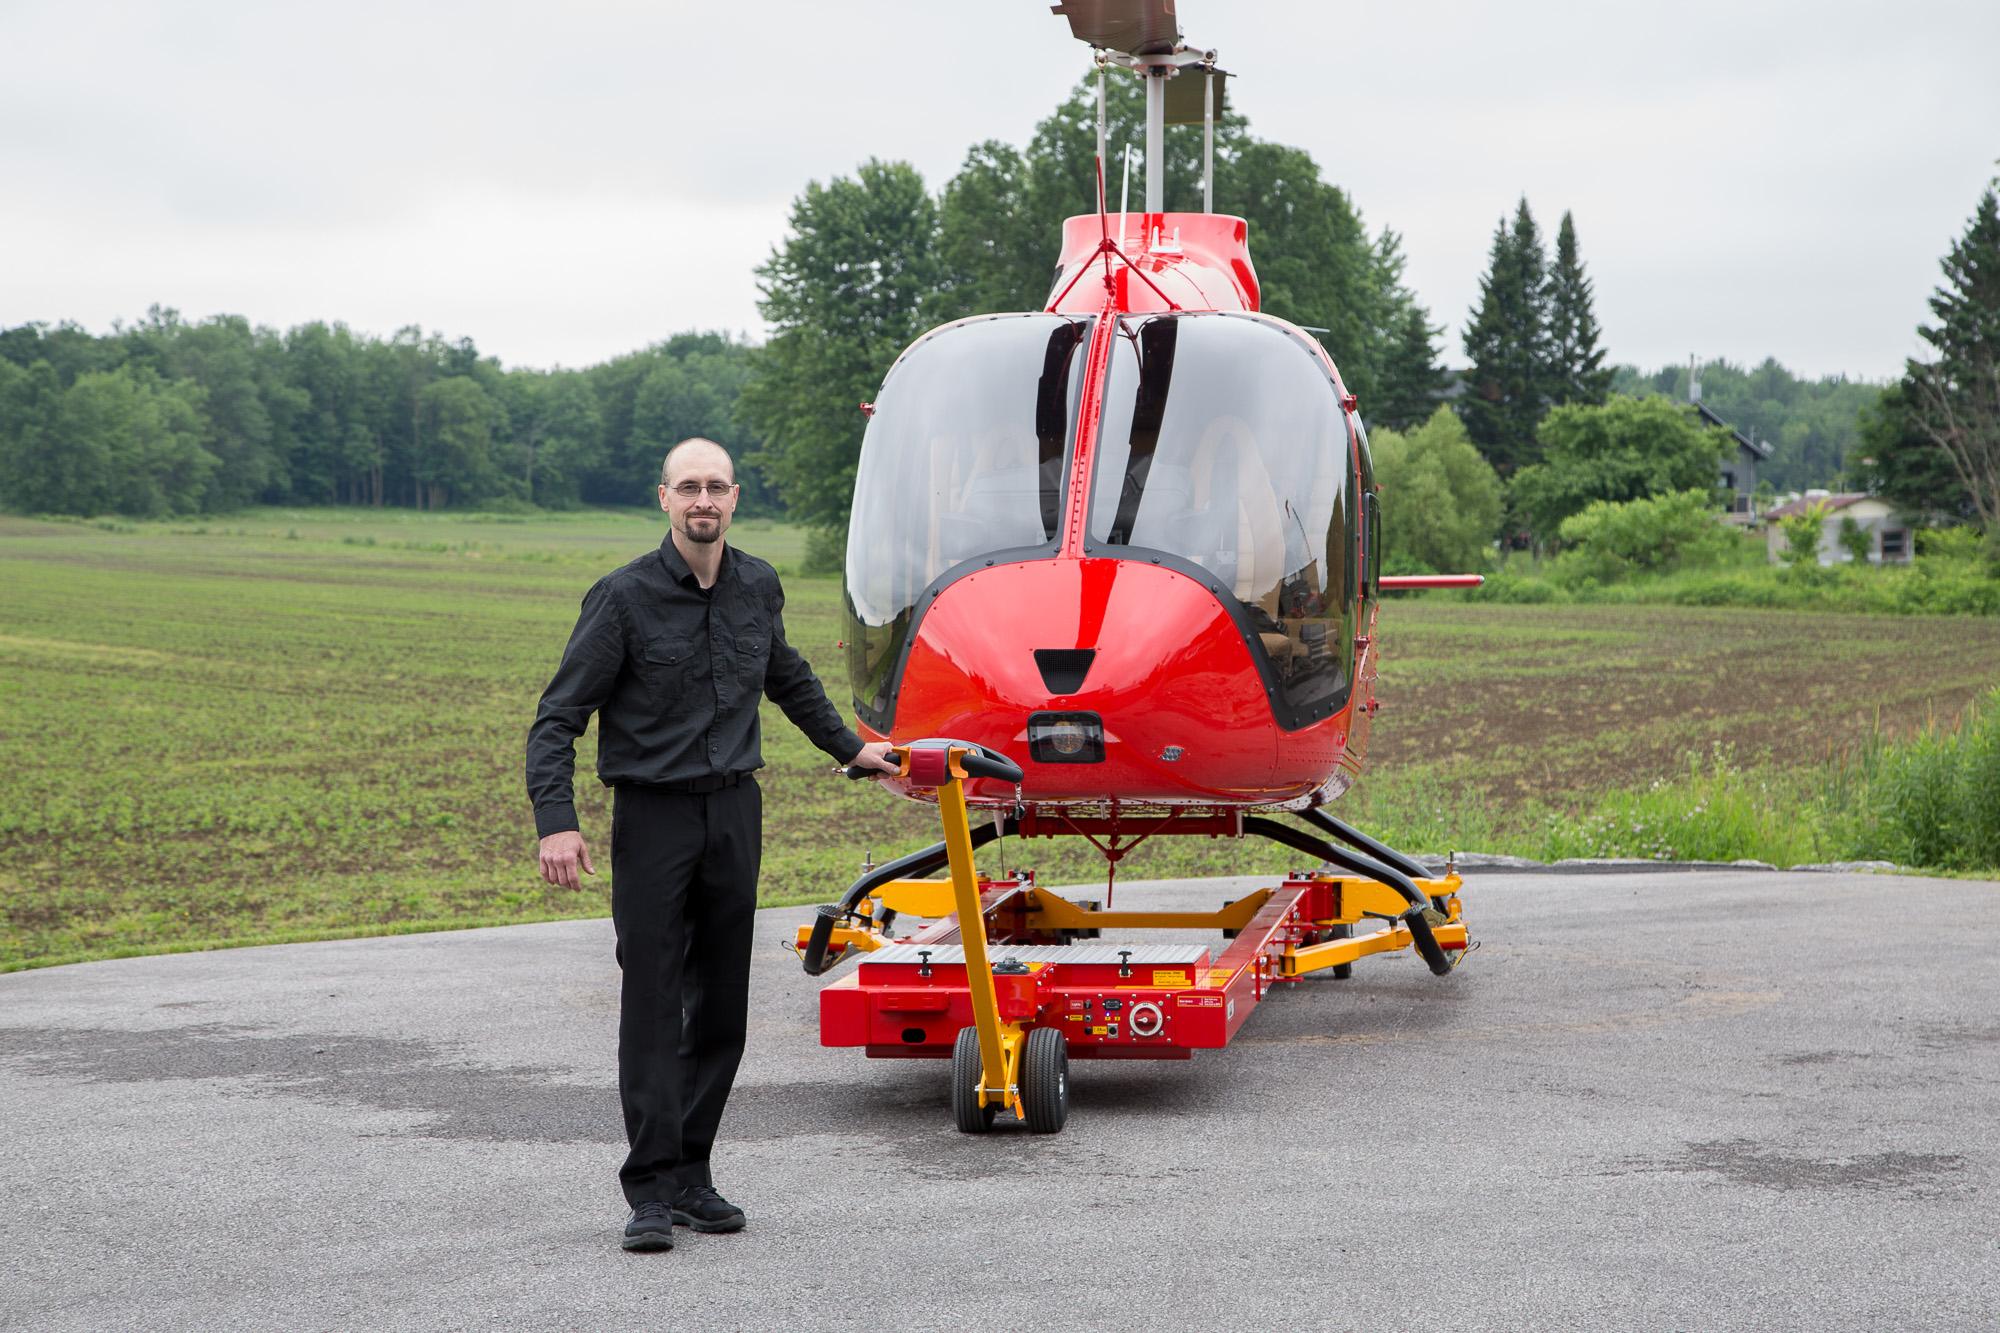 V910 Tug with Bell 505 JetRanger X